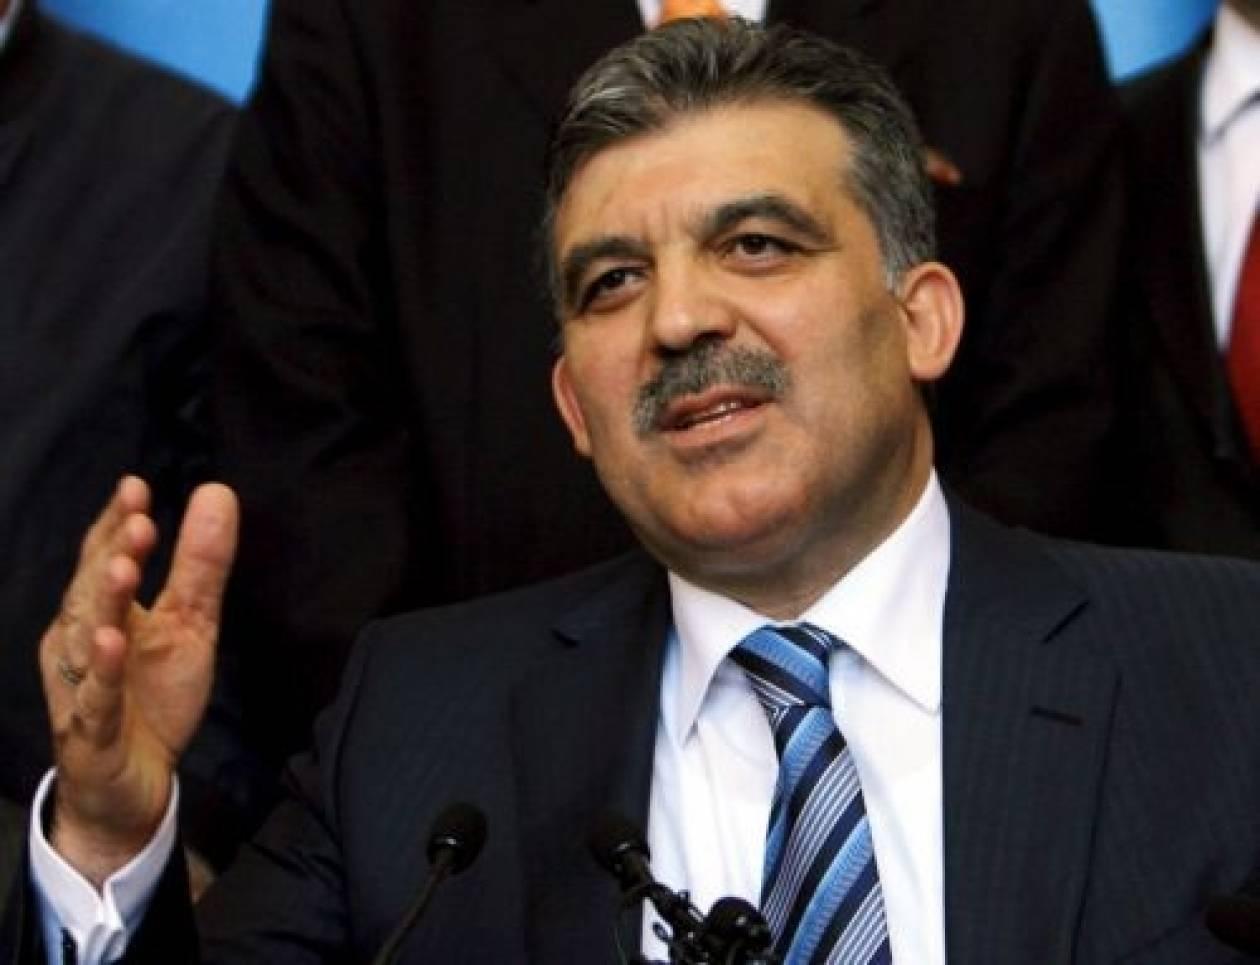 Τουρκία: Επιστρέφει στην ενεργό πολιτική ο Γκιουλ